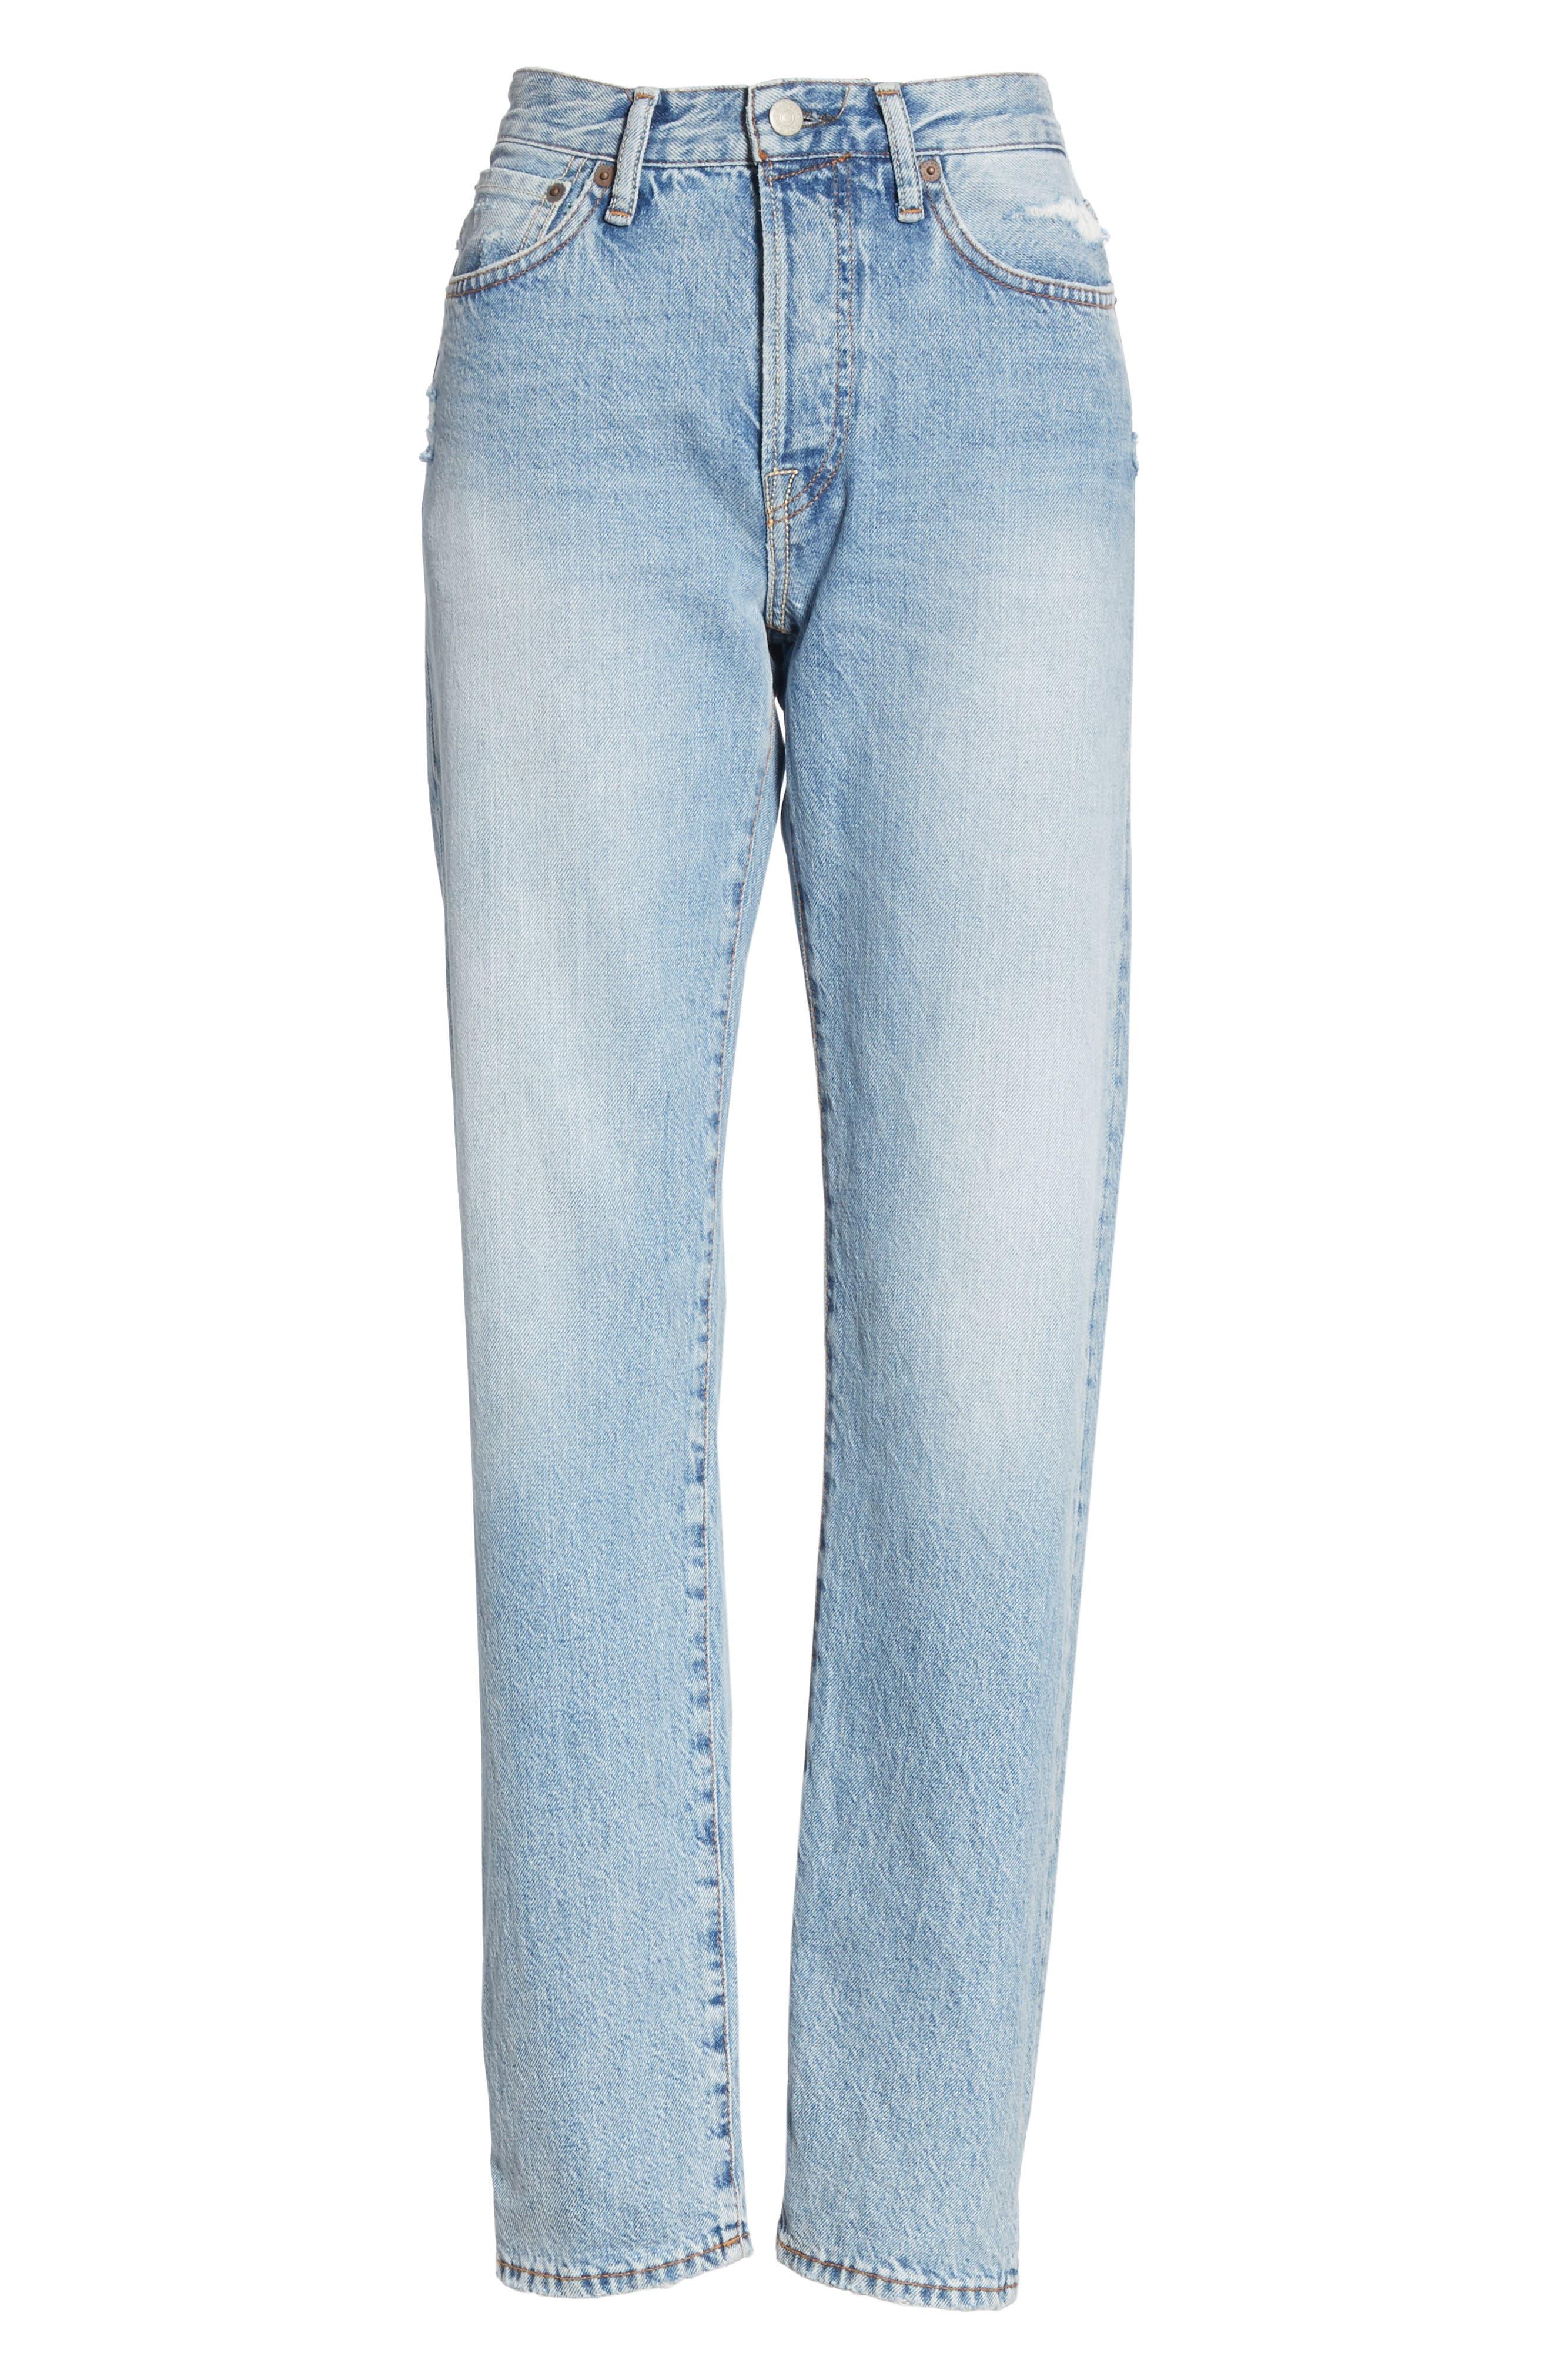 1997 Straight Leg Jeans,                             Alternate thumbnail 6, color,                             LIGHT BLUE